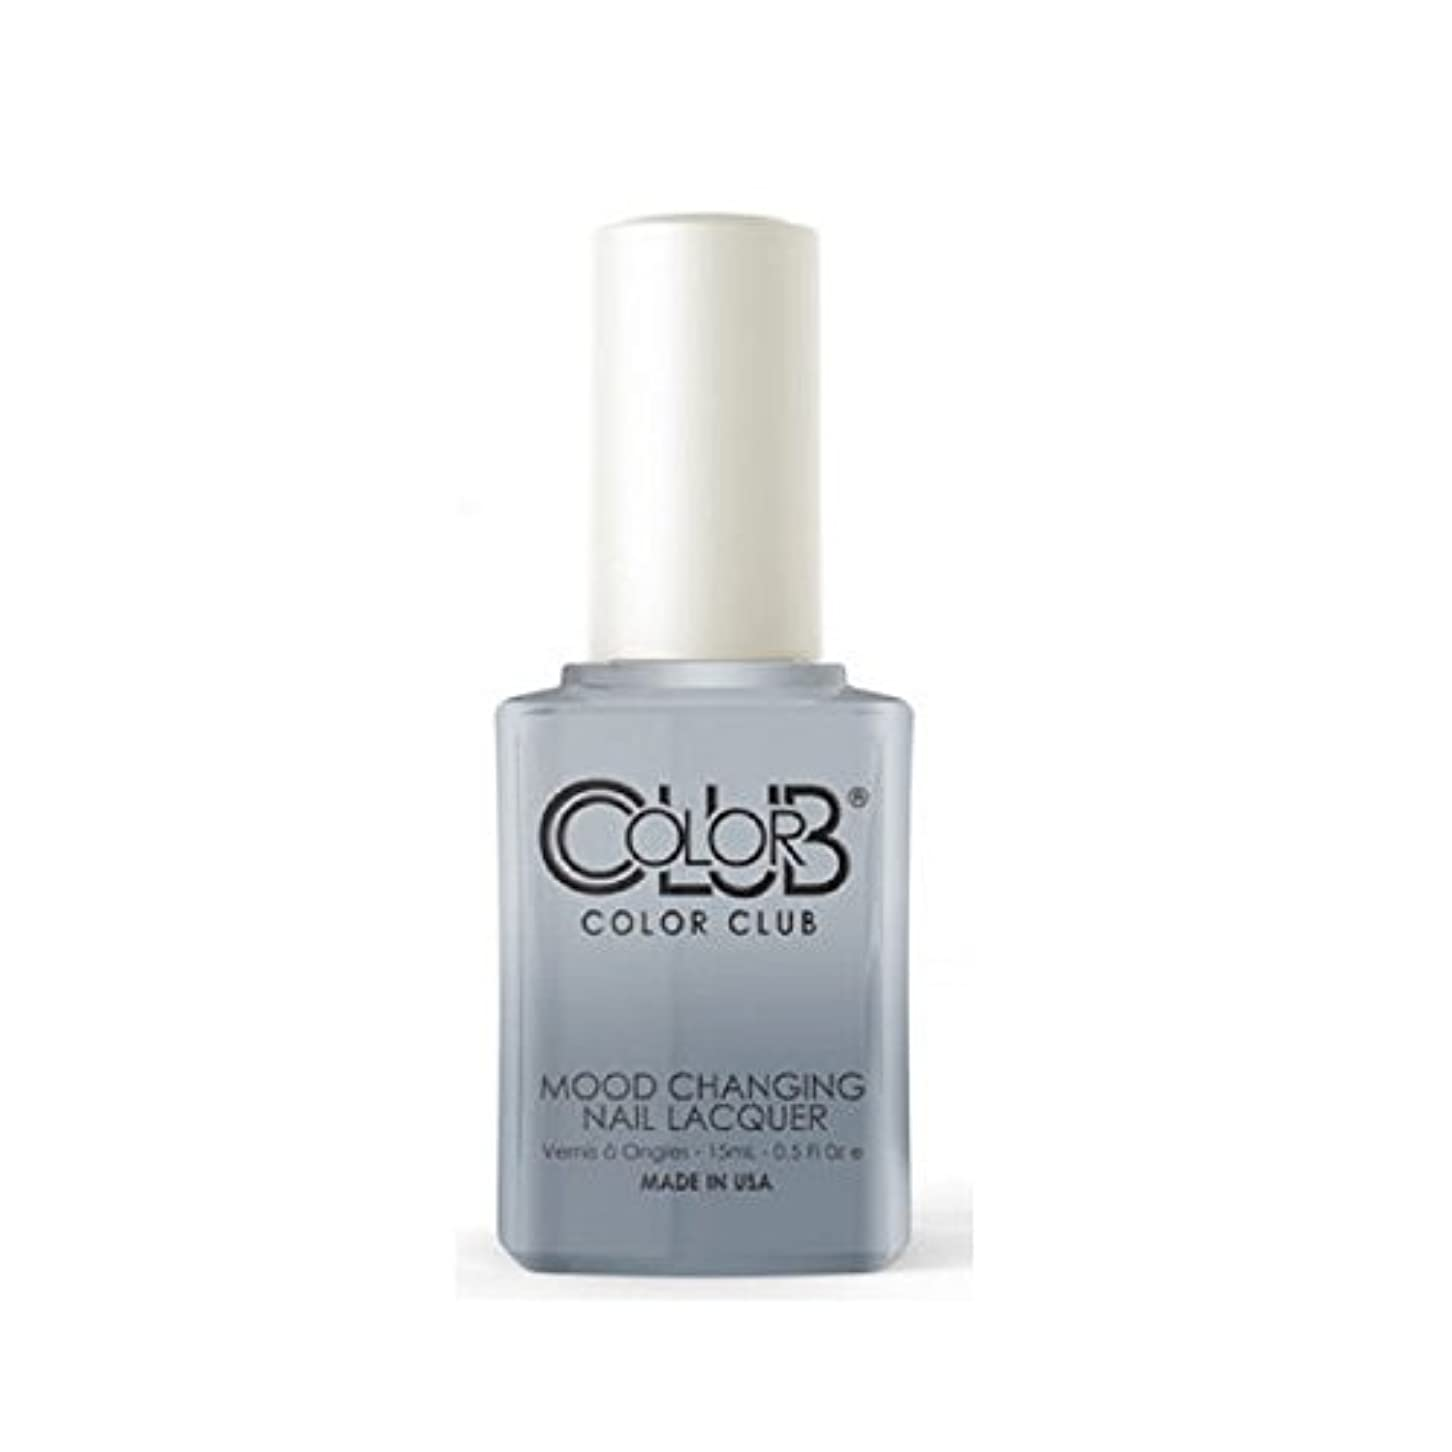 民主主義場合構造的Color Club Mood Changing Nail Lacquer - Head in the Clouds - 15 mL / 0.5 fl oz